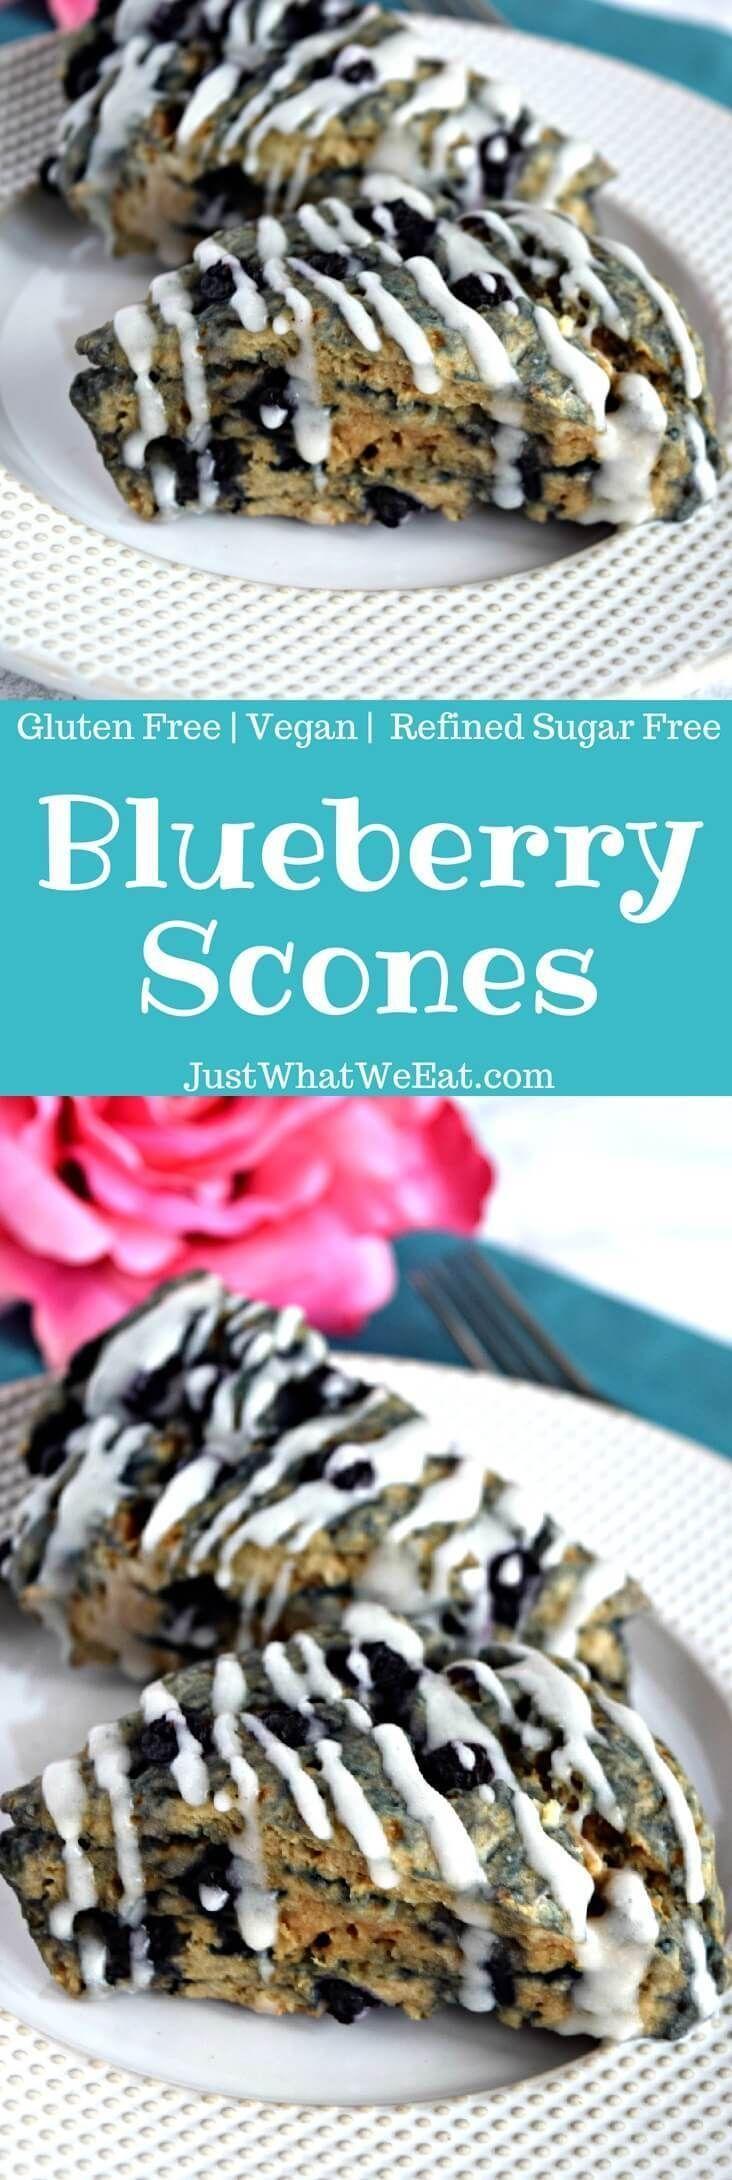 Blueberry scones gluten free vegan refined sugar